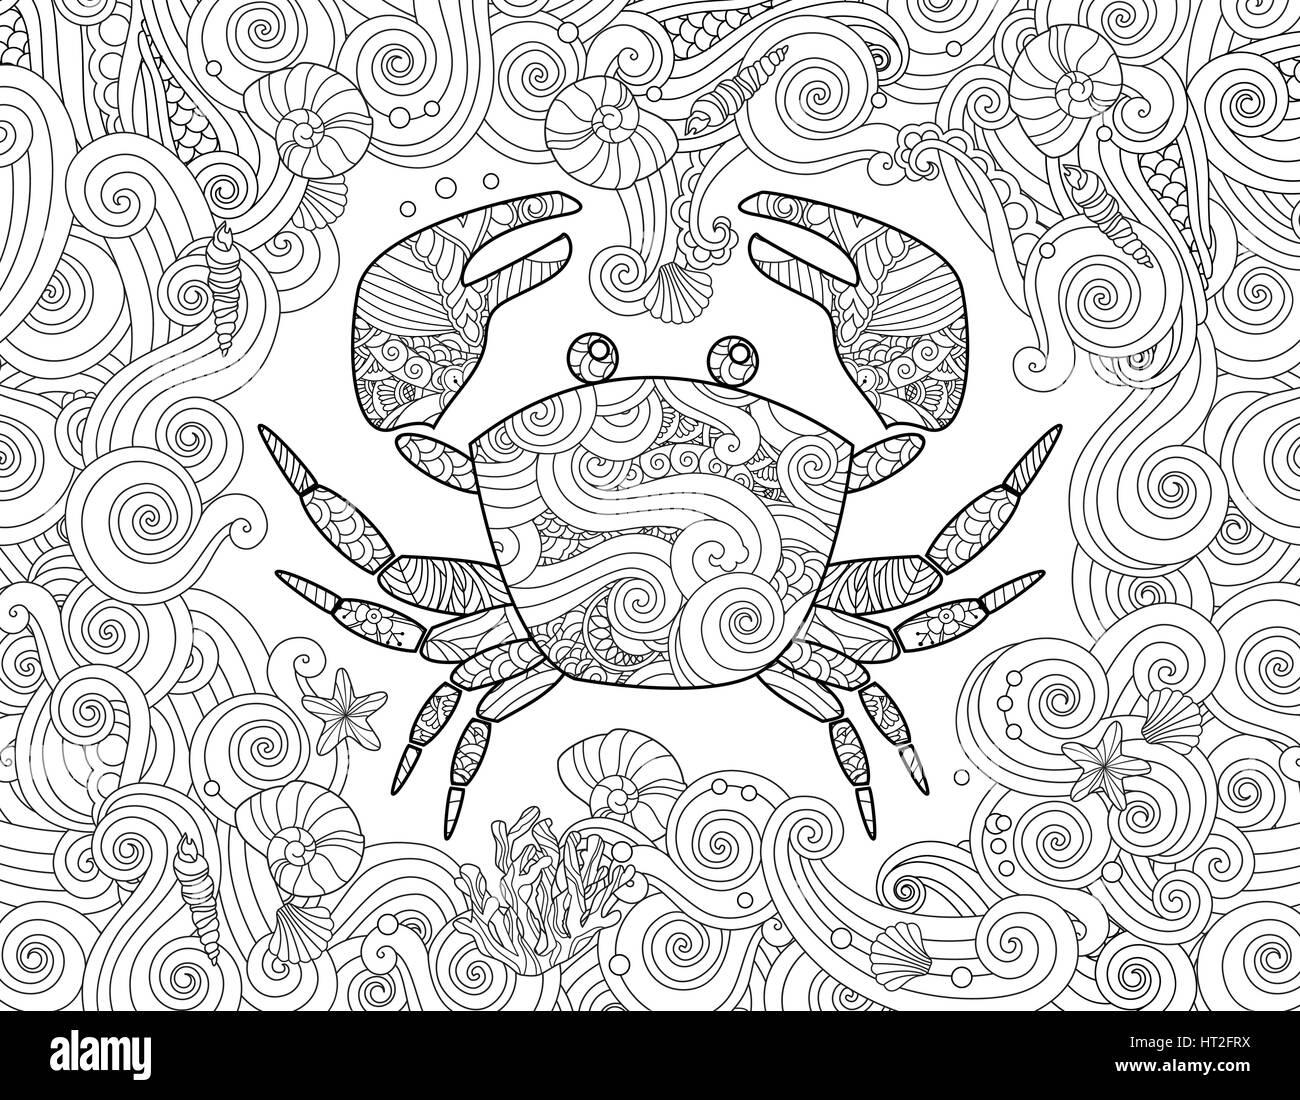 Gemütlich Einfache Krabbe Malvorlagen Ideen - Malvorlagen-Ideen ...